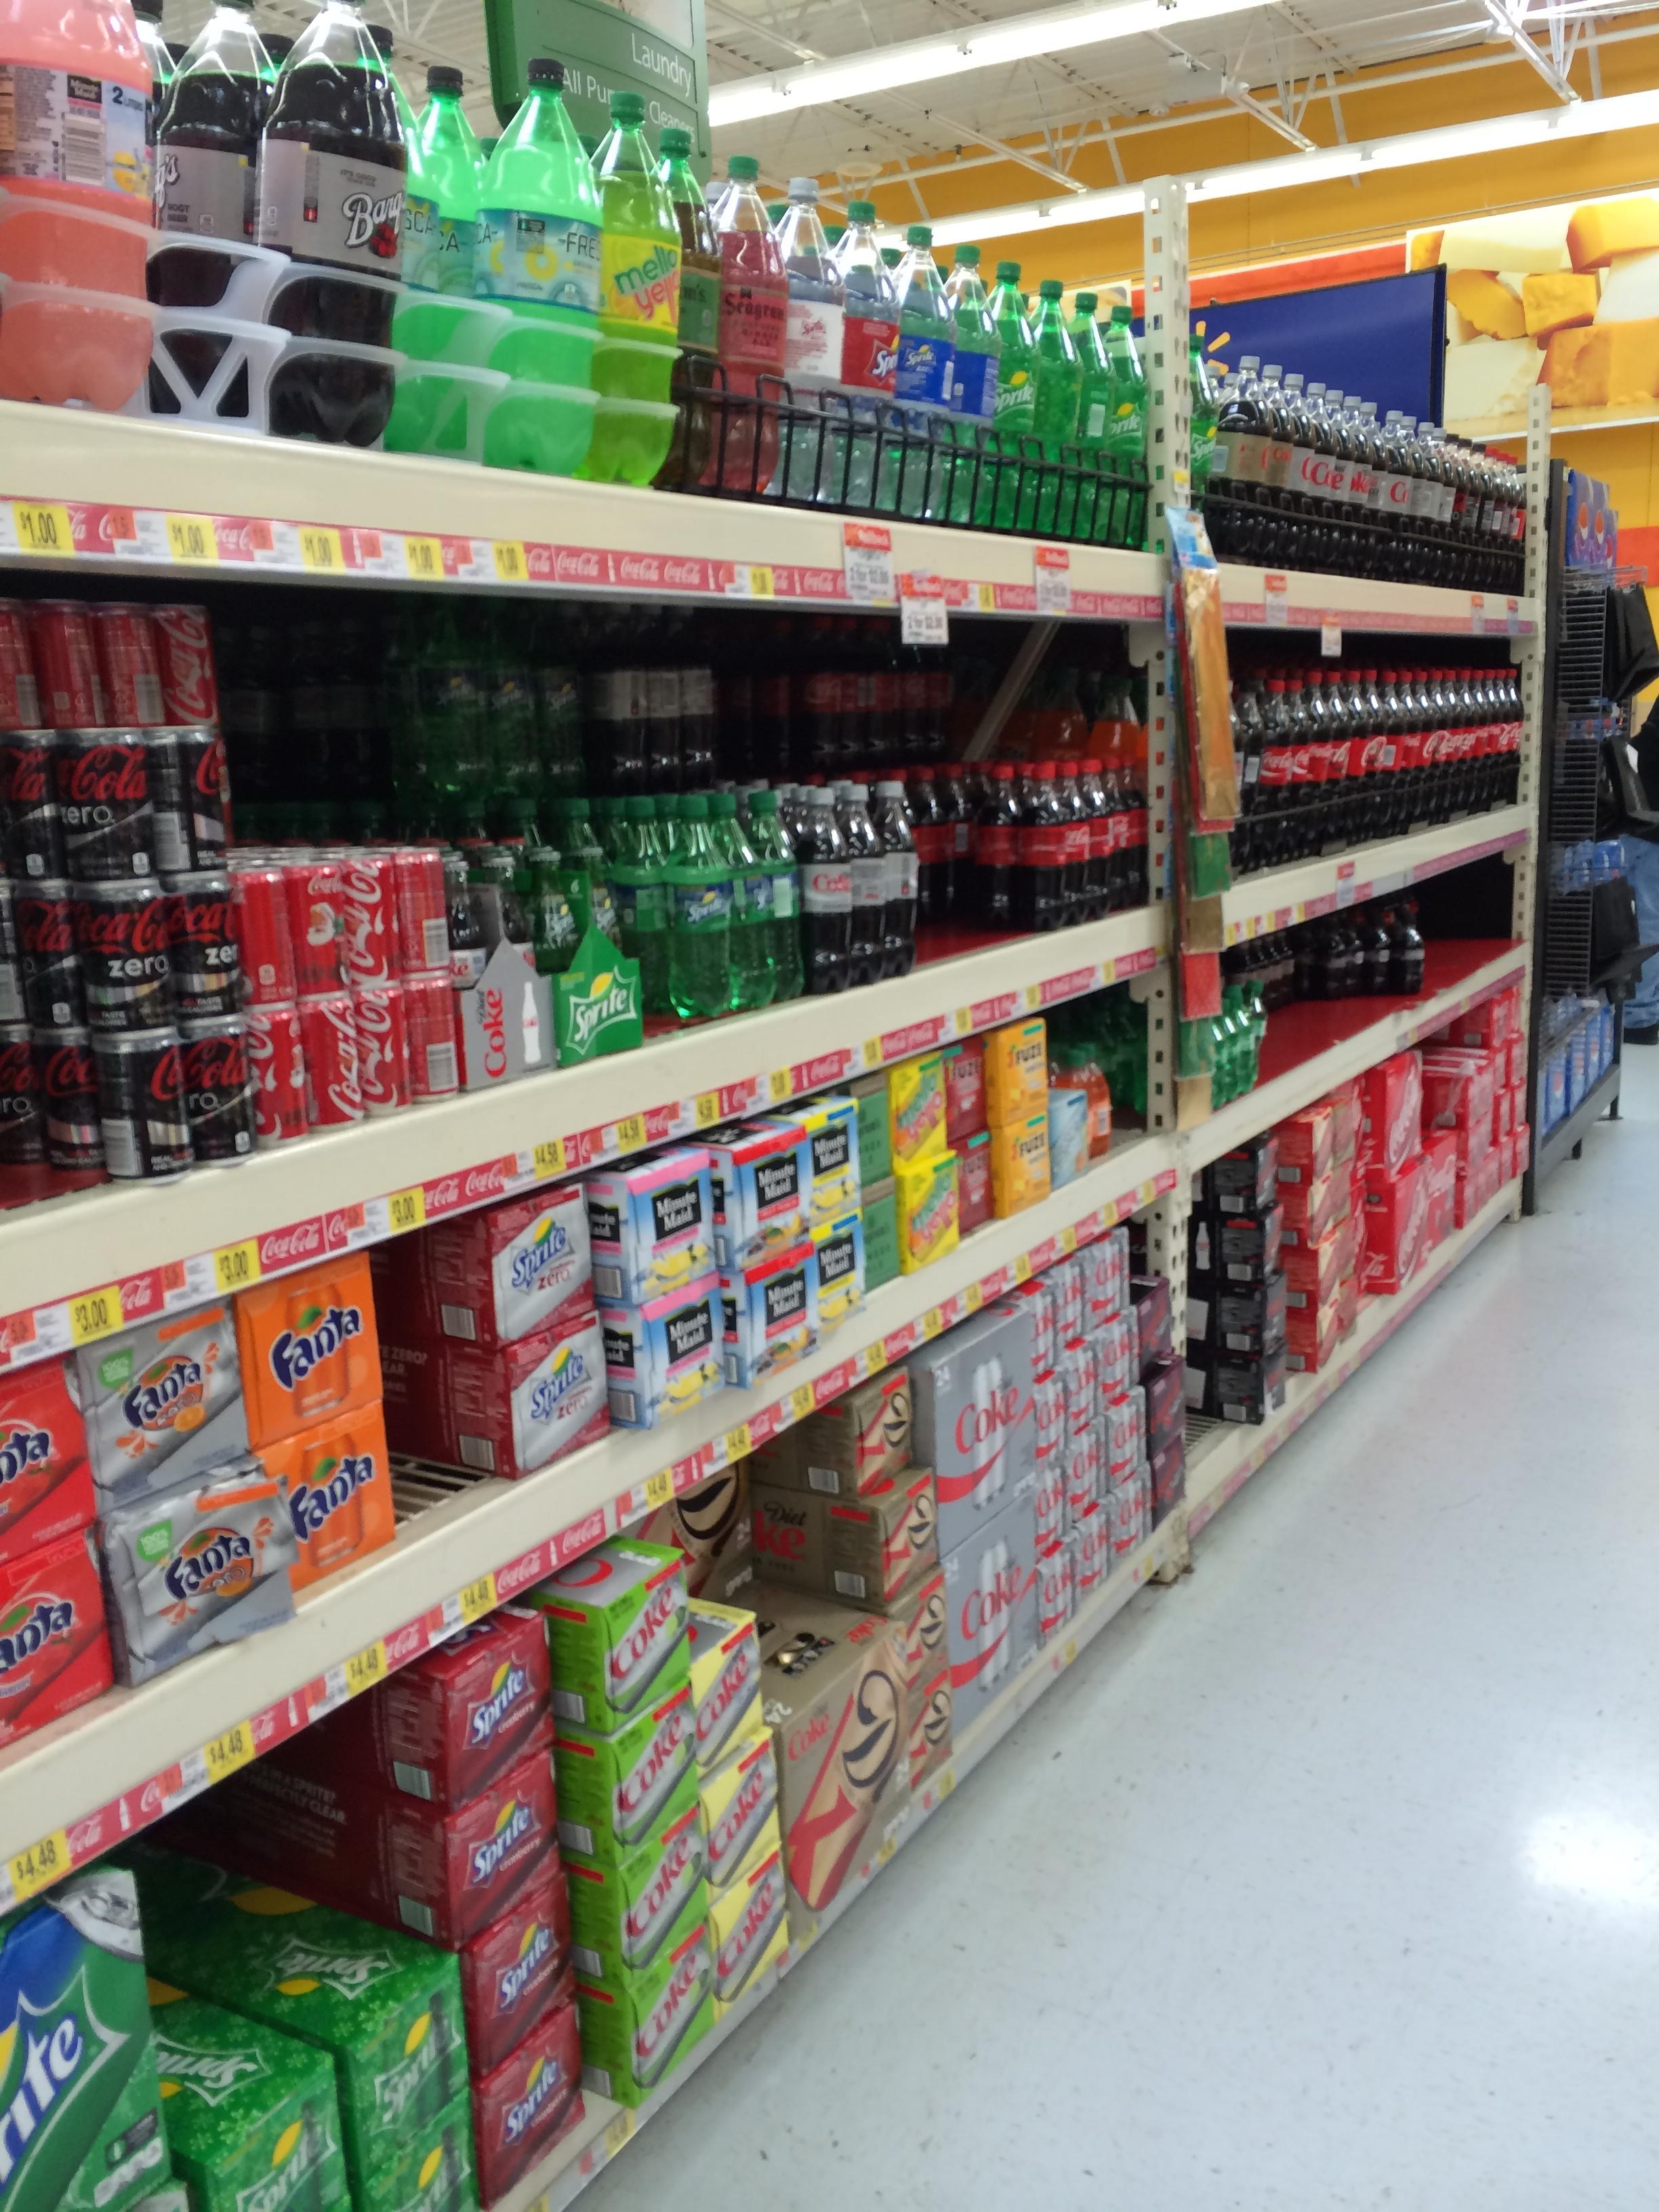 real magic-coca-cola bottles